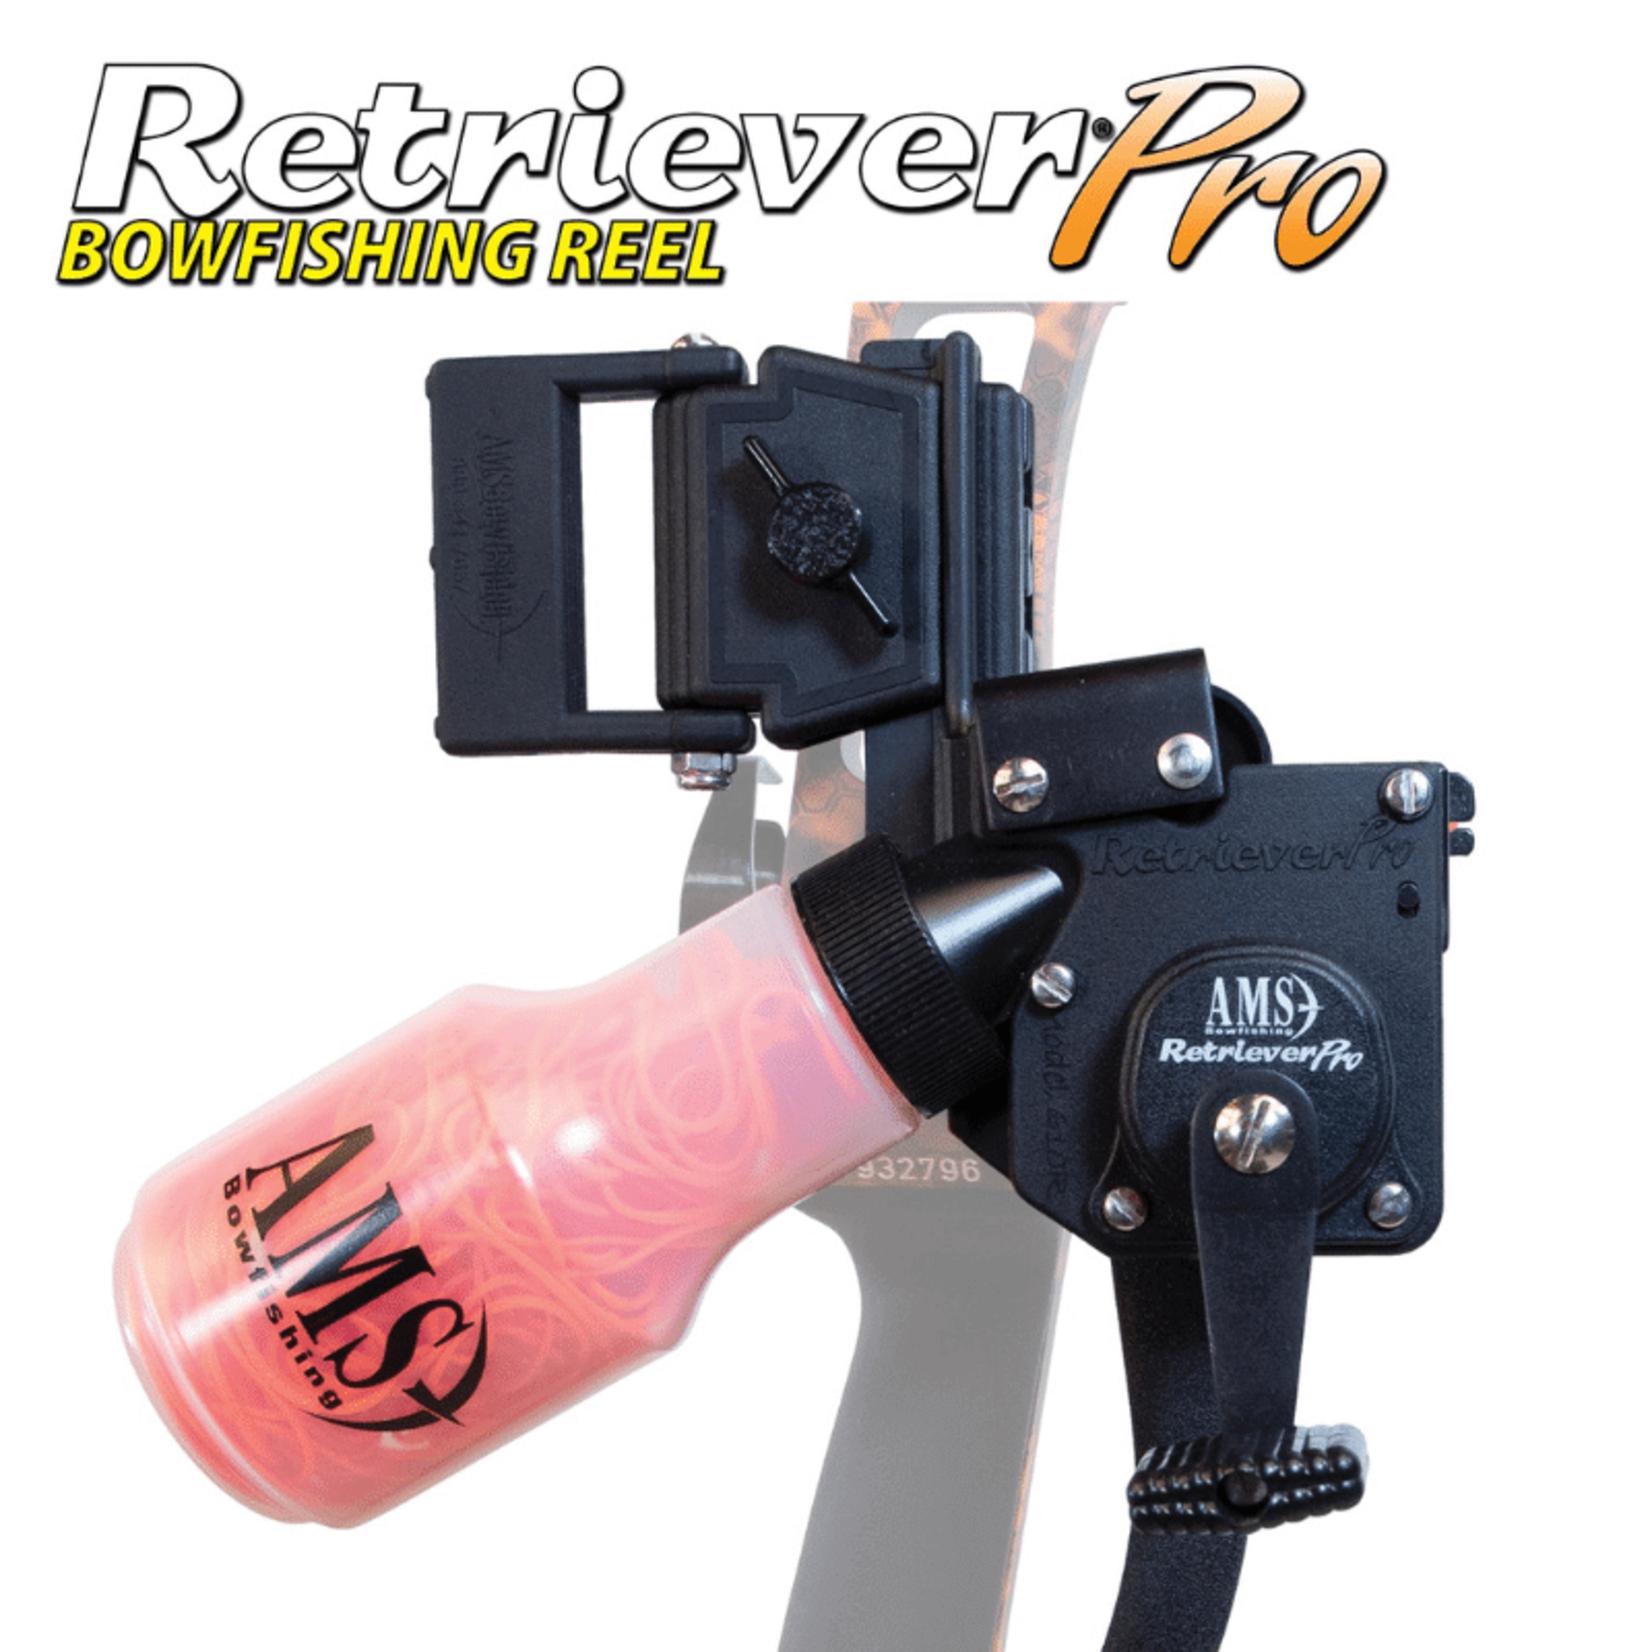 AMS AMS Retriever Pro Bowfishing Reel(R/H)